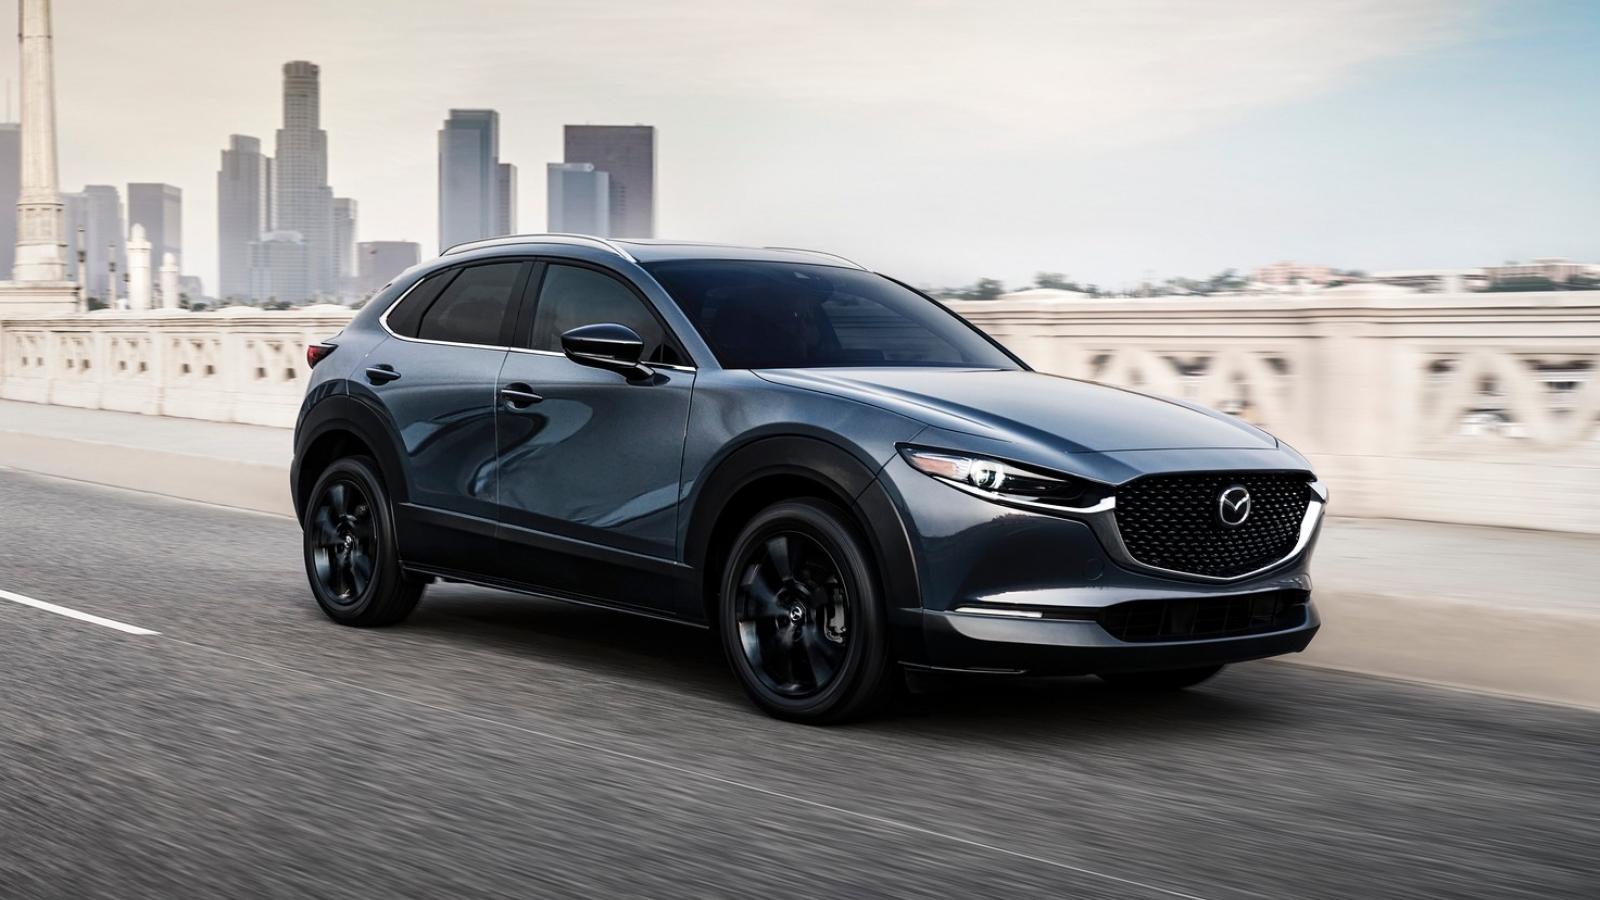 Mazda có thể cắt giảm sản xuất vì thiếu nguồn cung chất bán dẫn